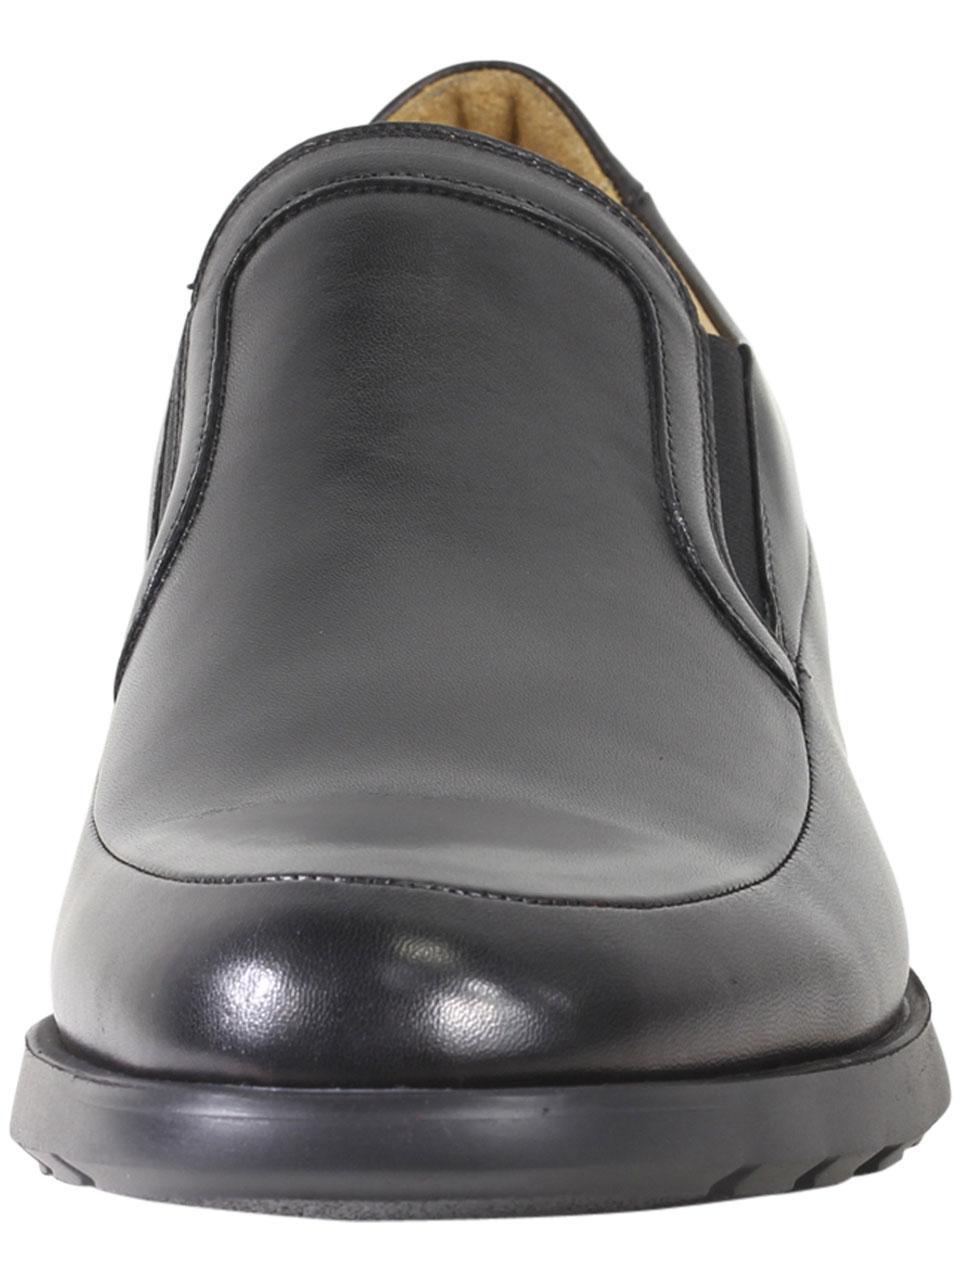 5b5f4e058fb Bruno Magli Men s Vegas Loafers Shoes by Bruno Magli. 1234567